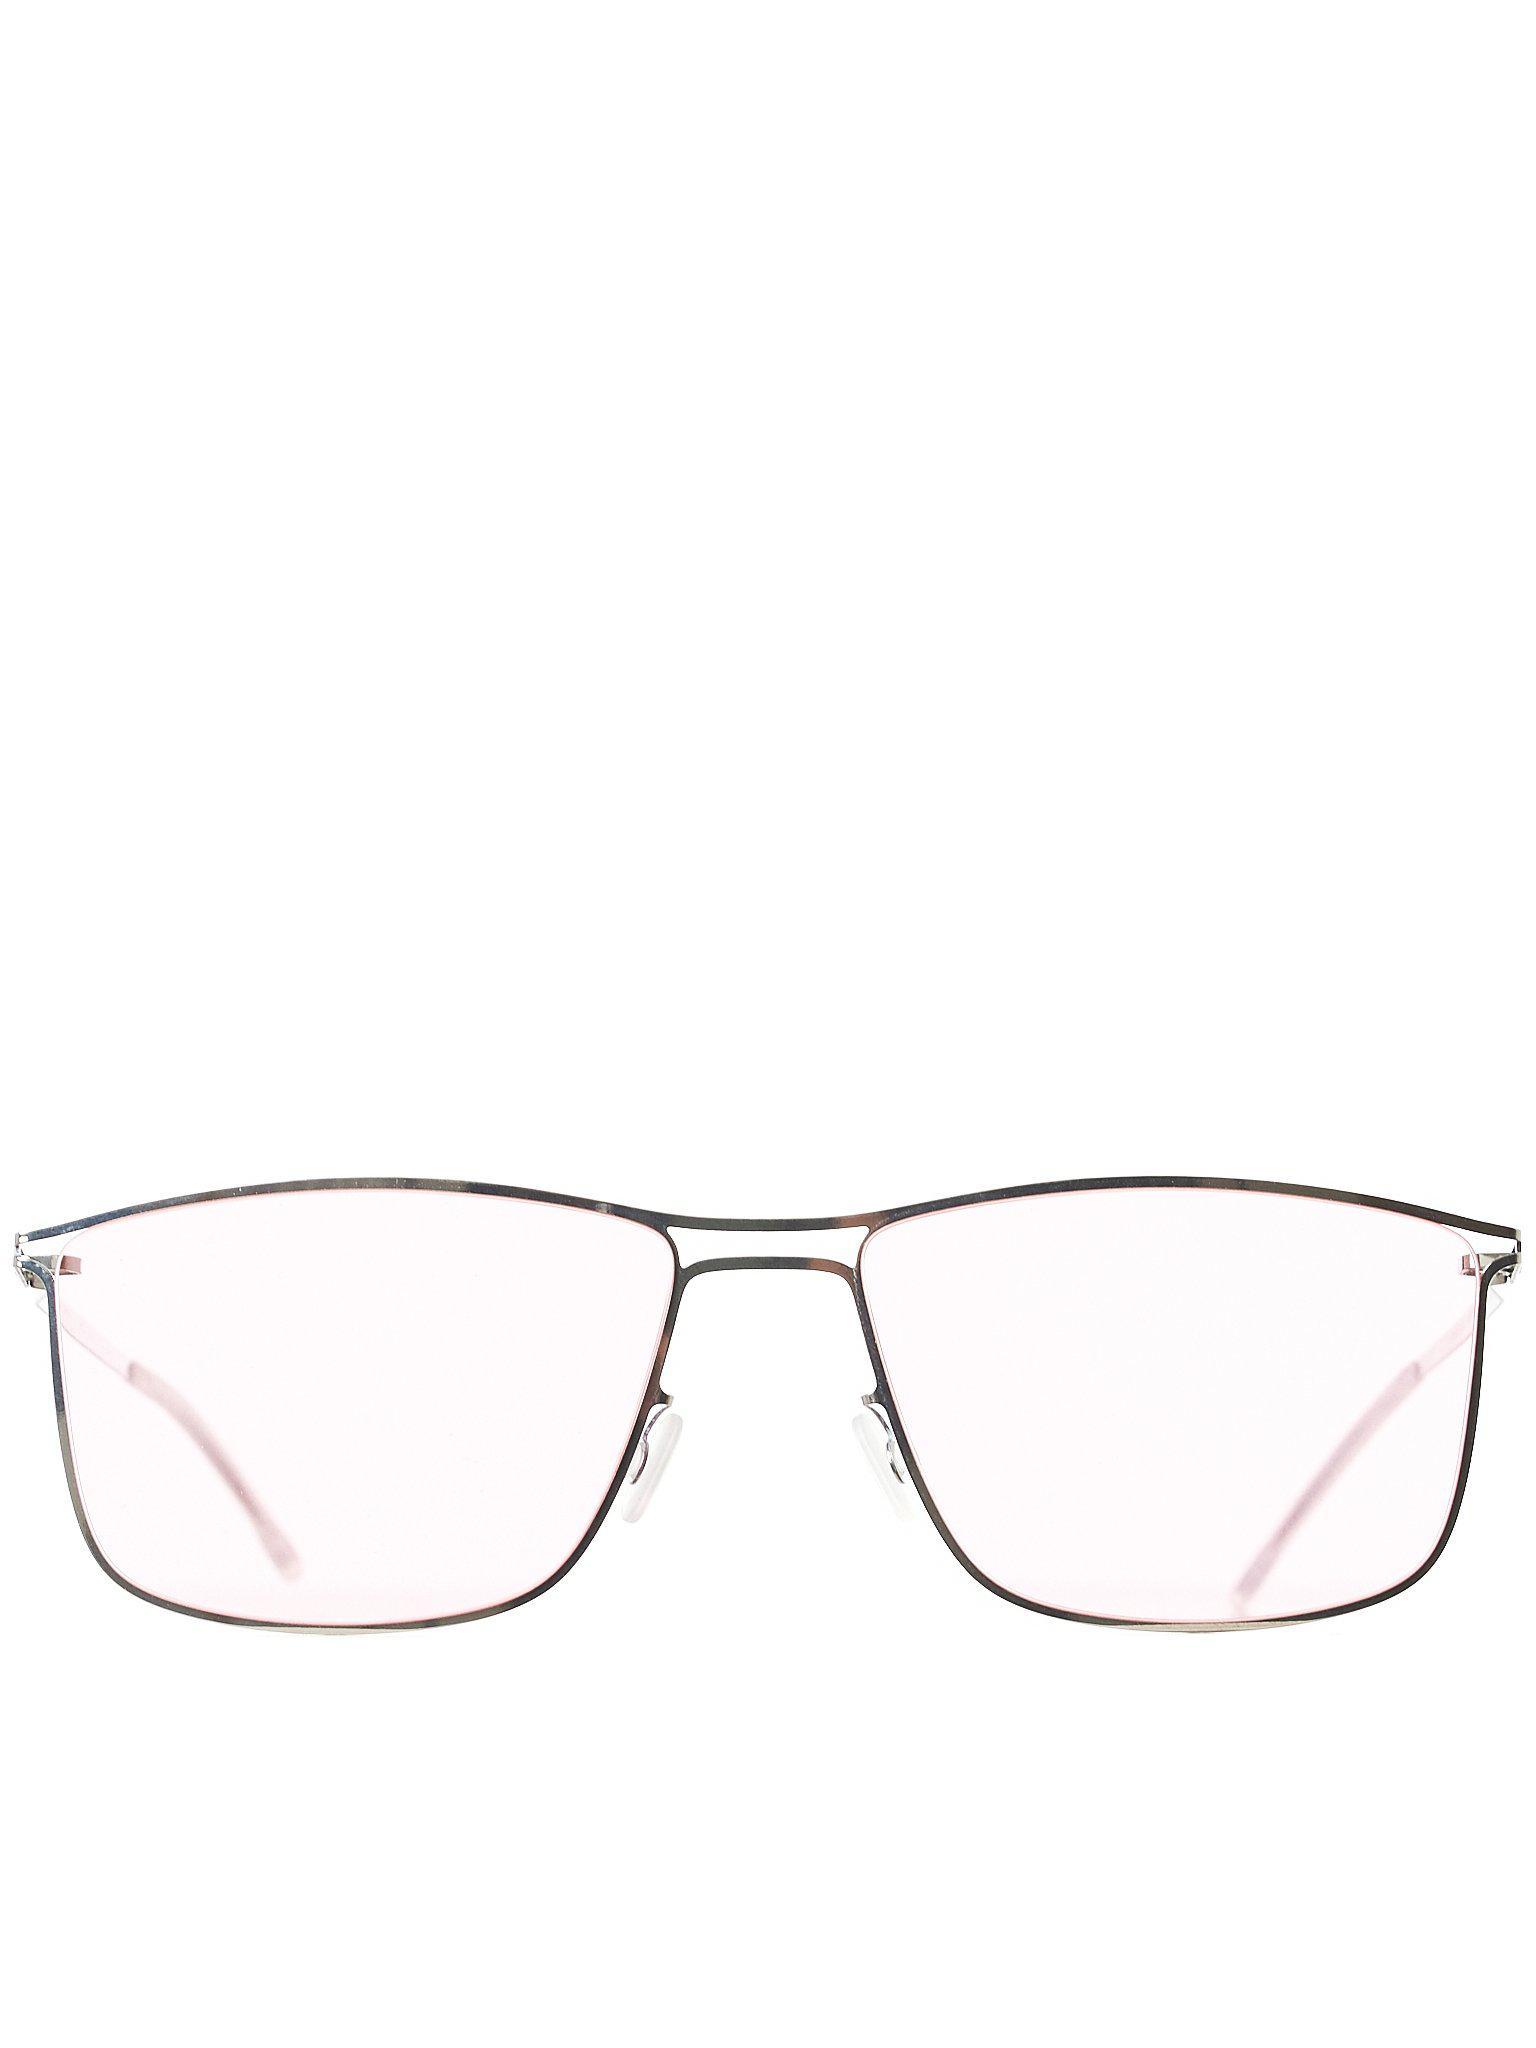 96c7c1106c5 Mykita. Women s  berge  Sunglasses